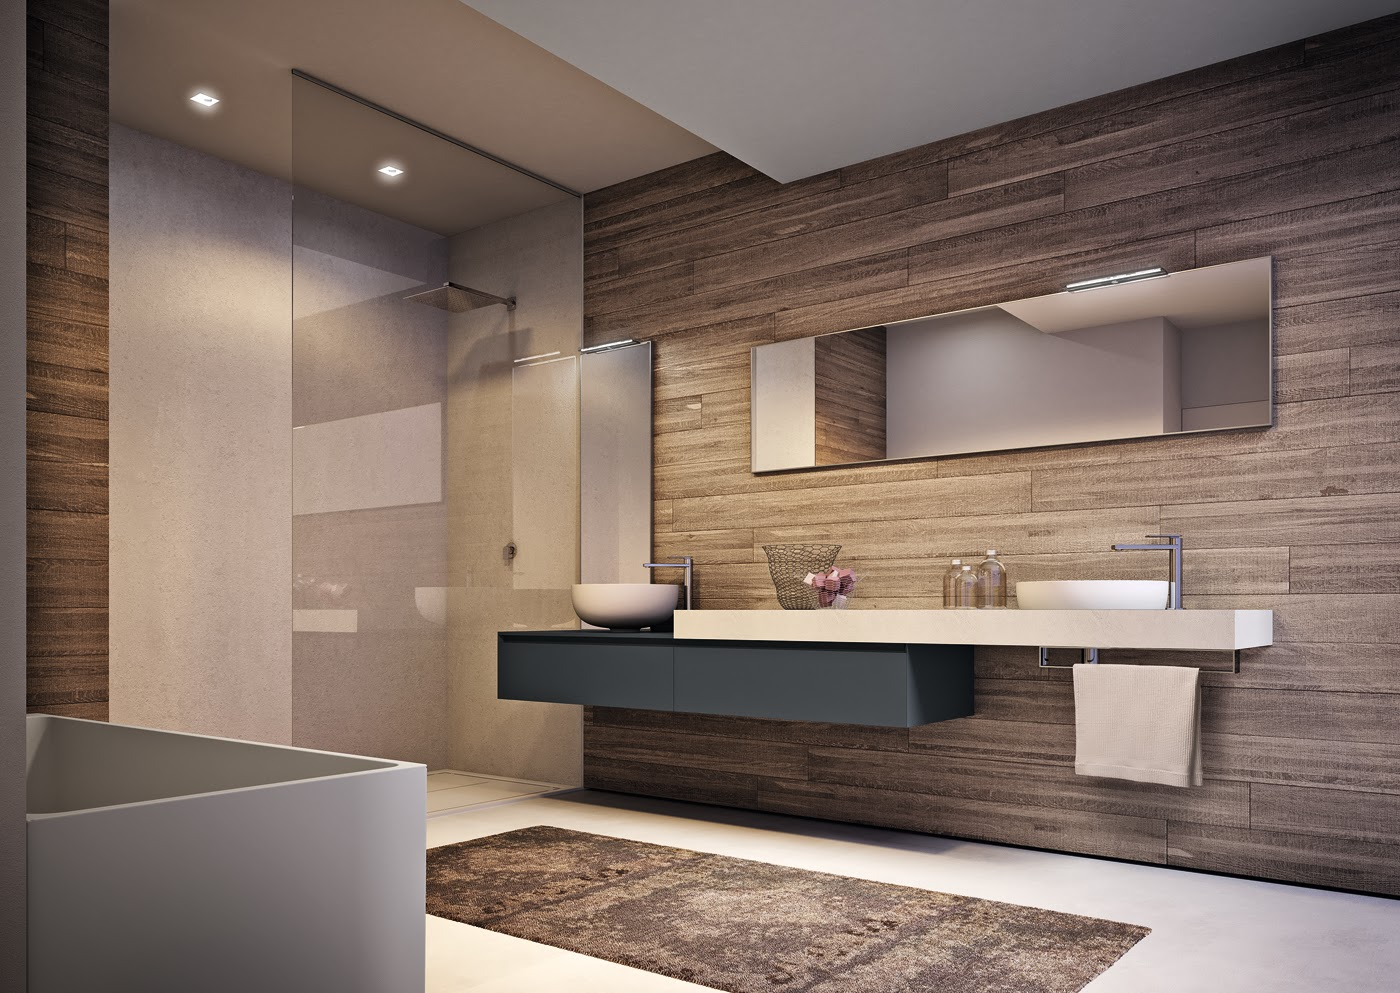 Progettando il bagno - Spostare lavabo bagno ...